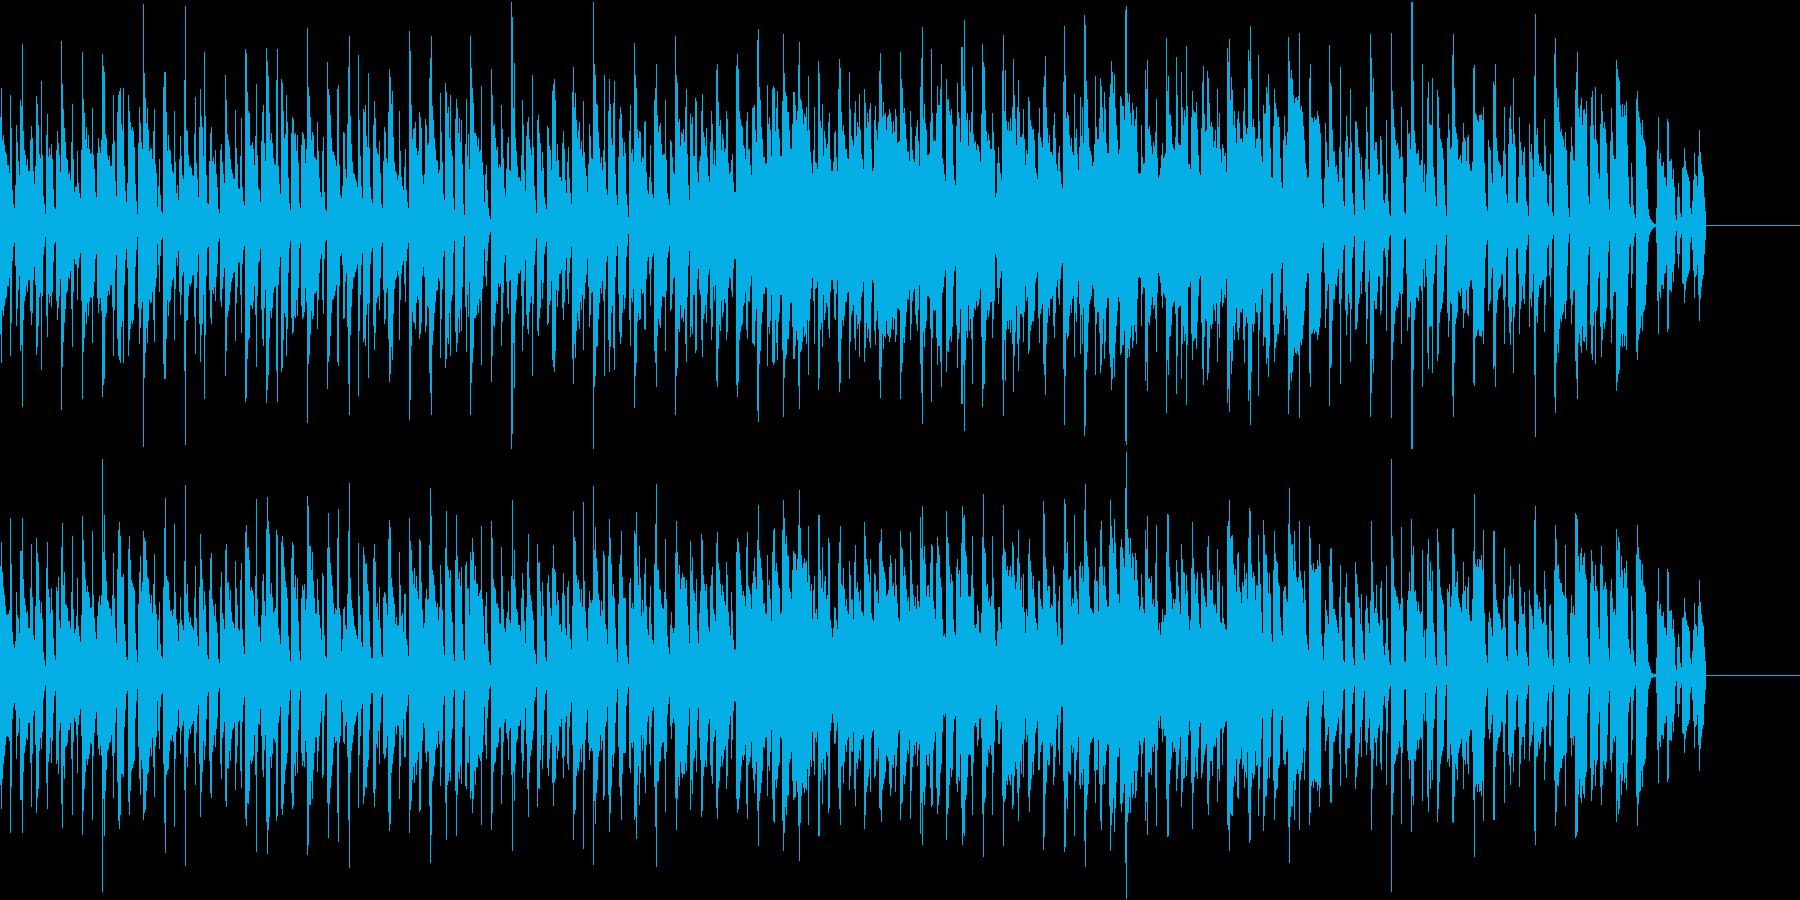 アコギ主体のポップで楽しい曲の再生済みの波形